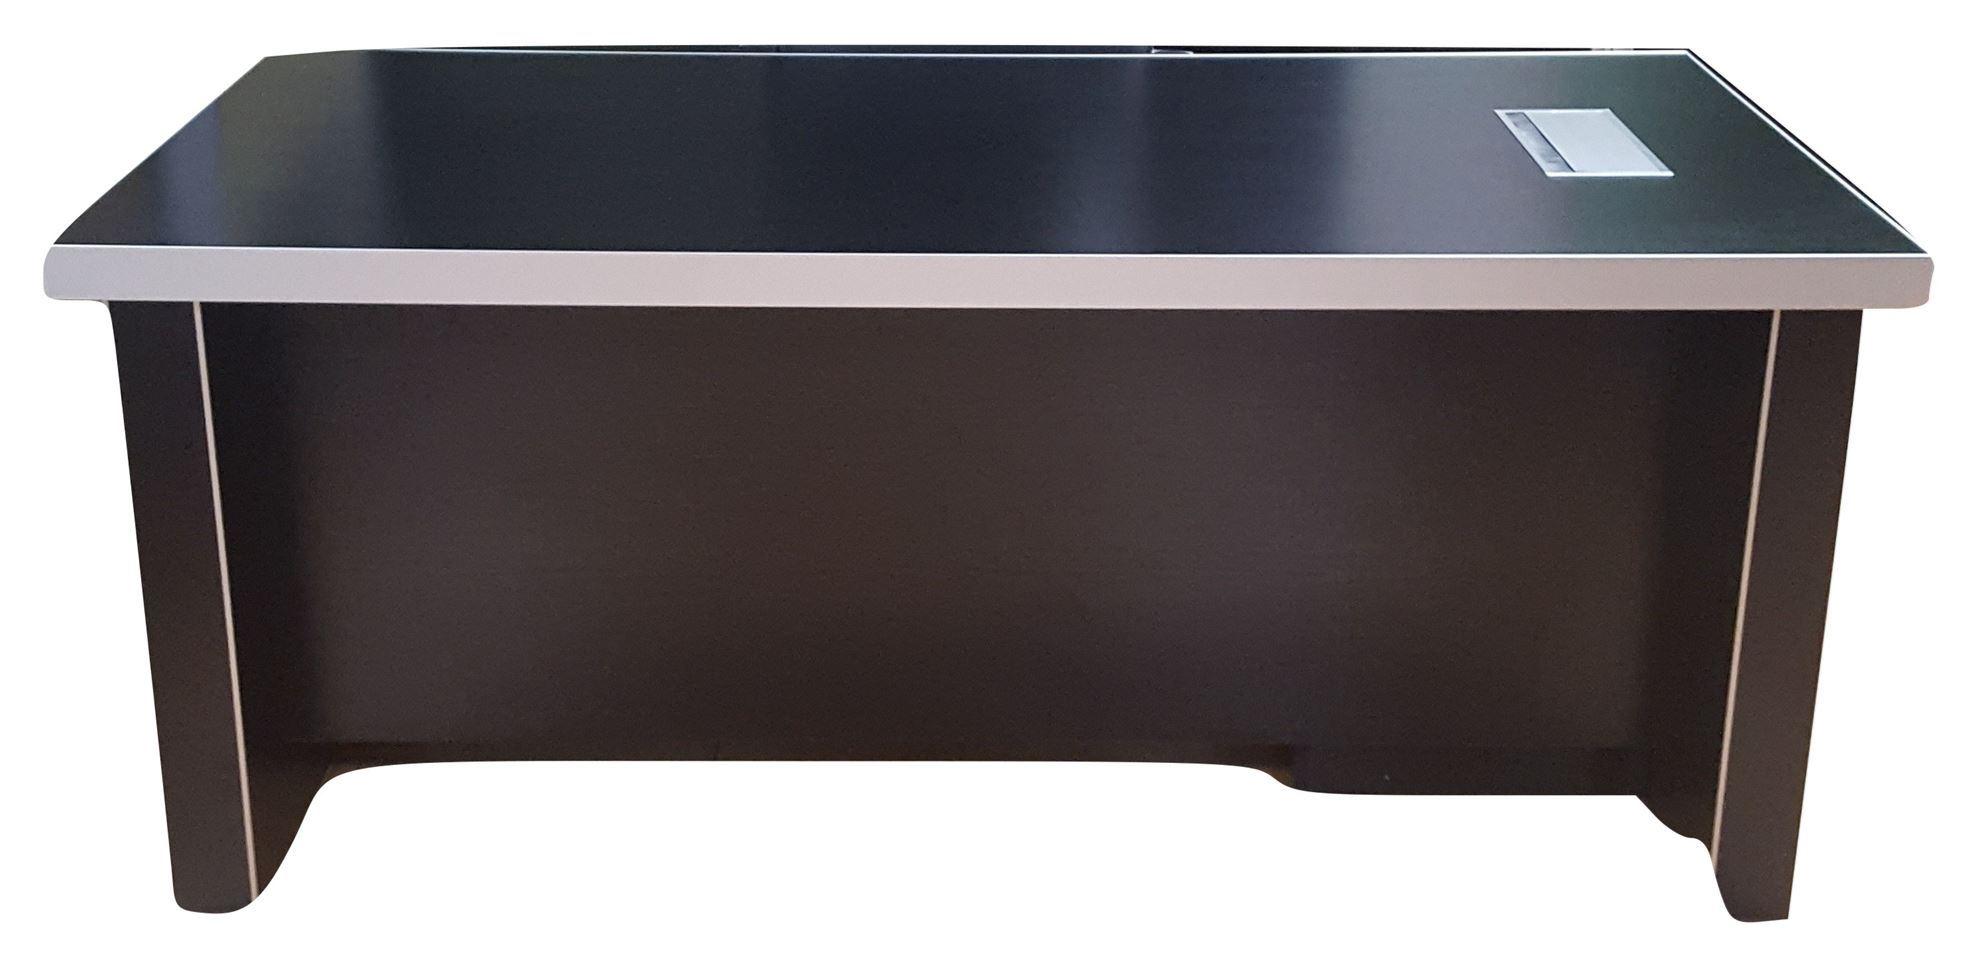 Premier 1800 x 900 Exec Desk w/Pedestal - Black